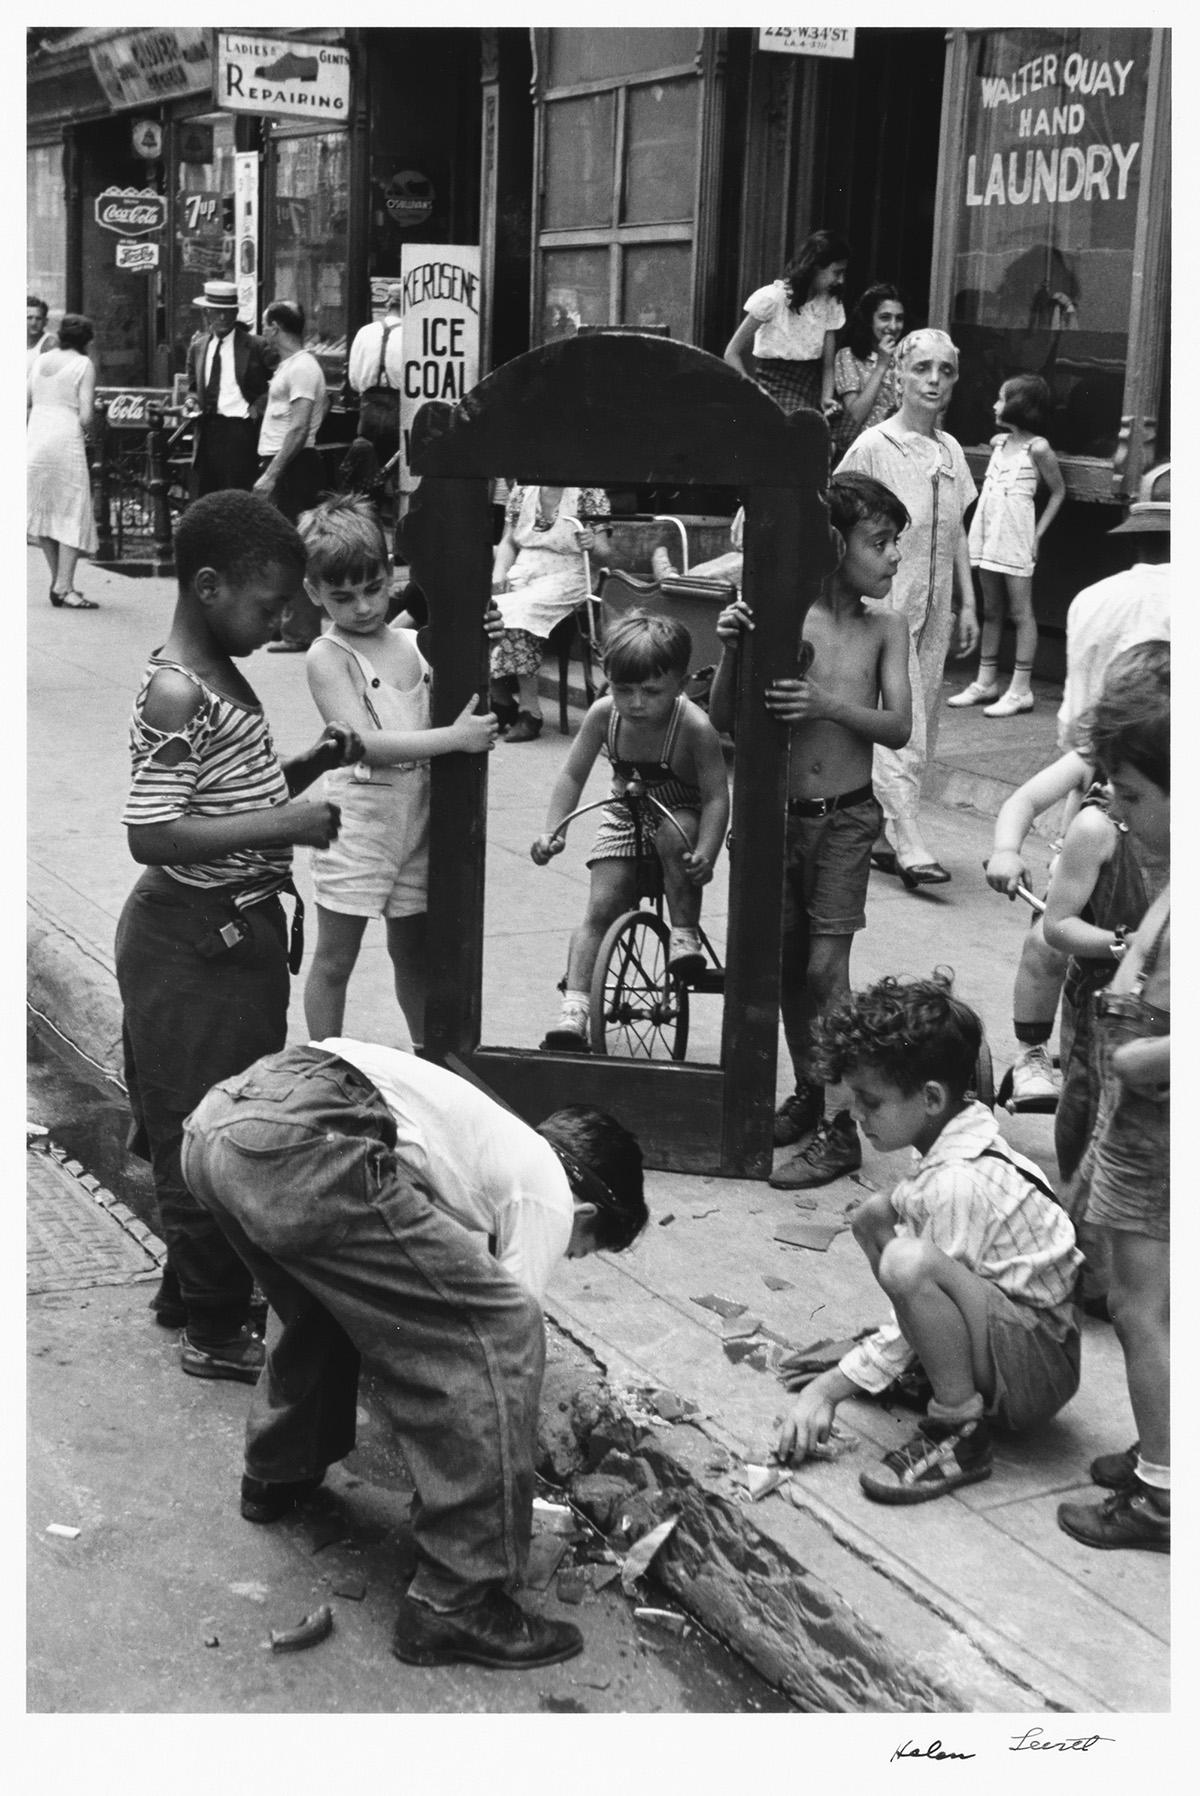 HELEN LEVITT (1913-2009) N.Y. (children with a broken mirror).